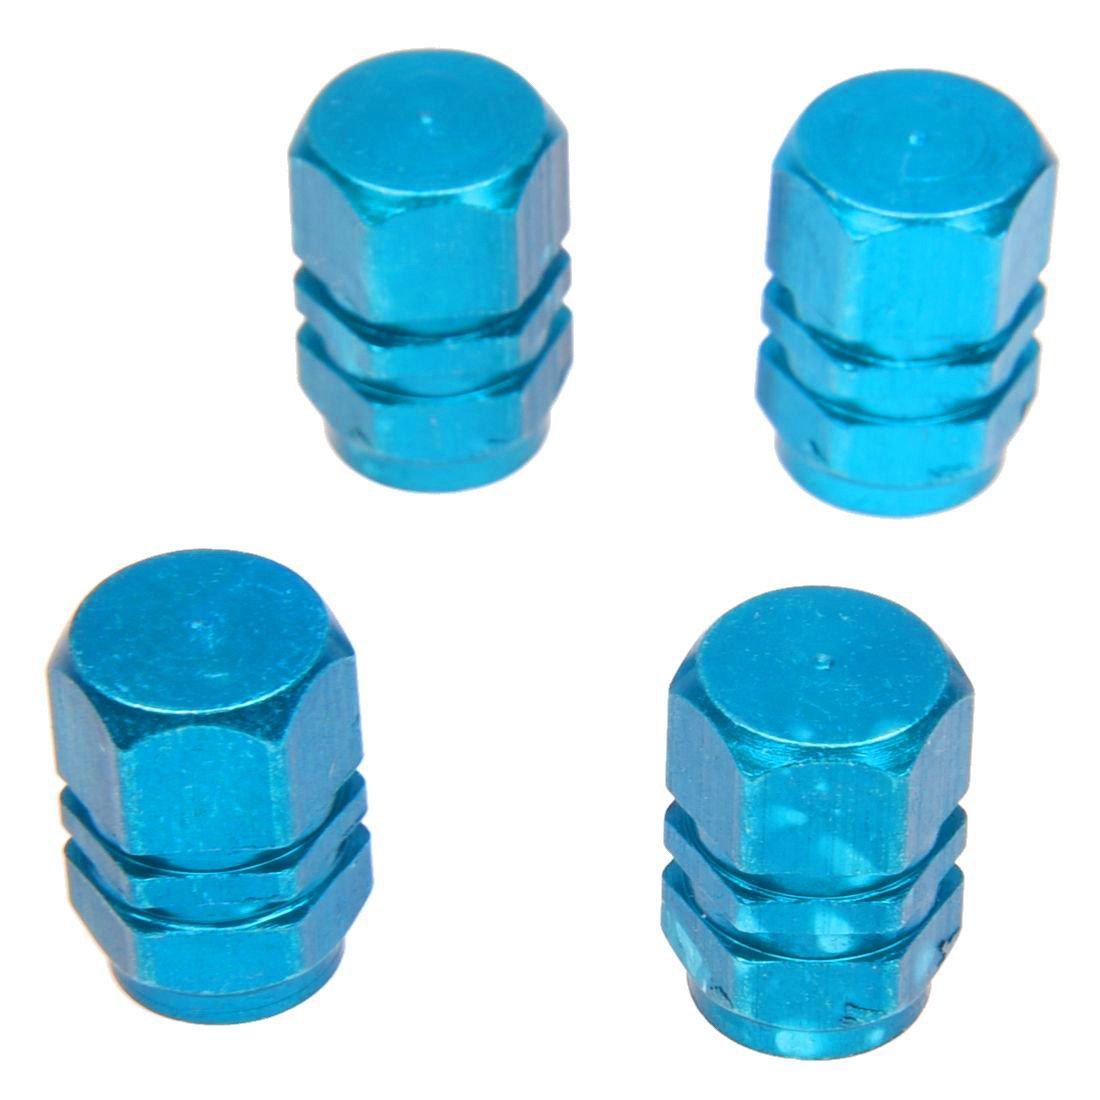 SODIAL 4X pneumatico della ruota Rims System Air protezioni della valvola del pneumatico della copertura di camion dellautomobile della bici di alluminio blu R